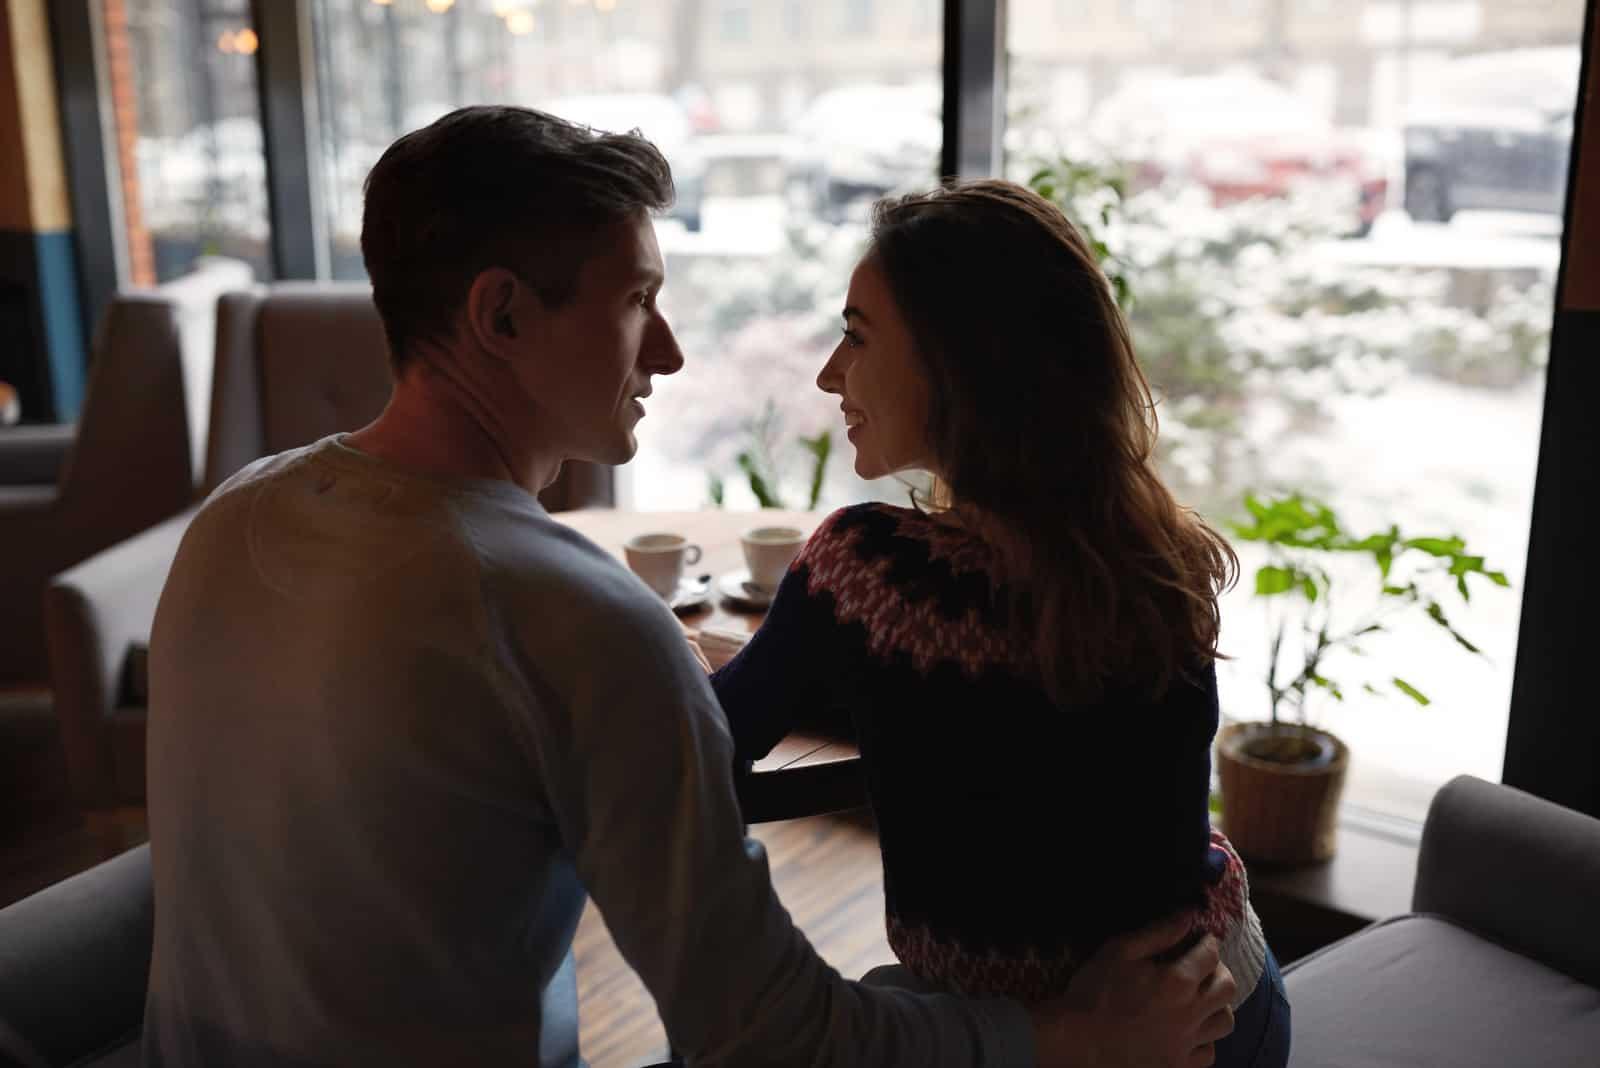 l'homme serra la femme dans ses bras alors qu'ils étaient assis